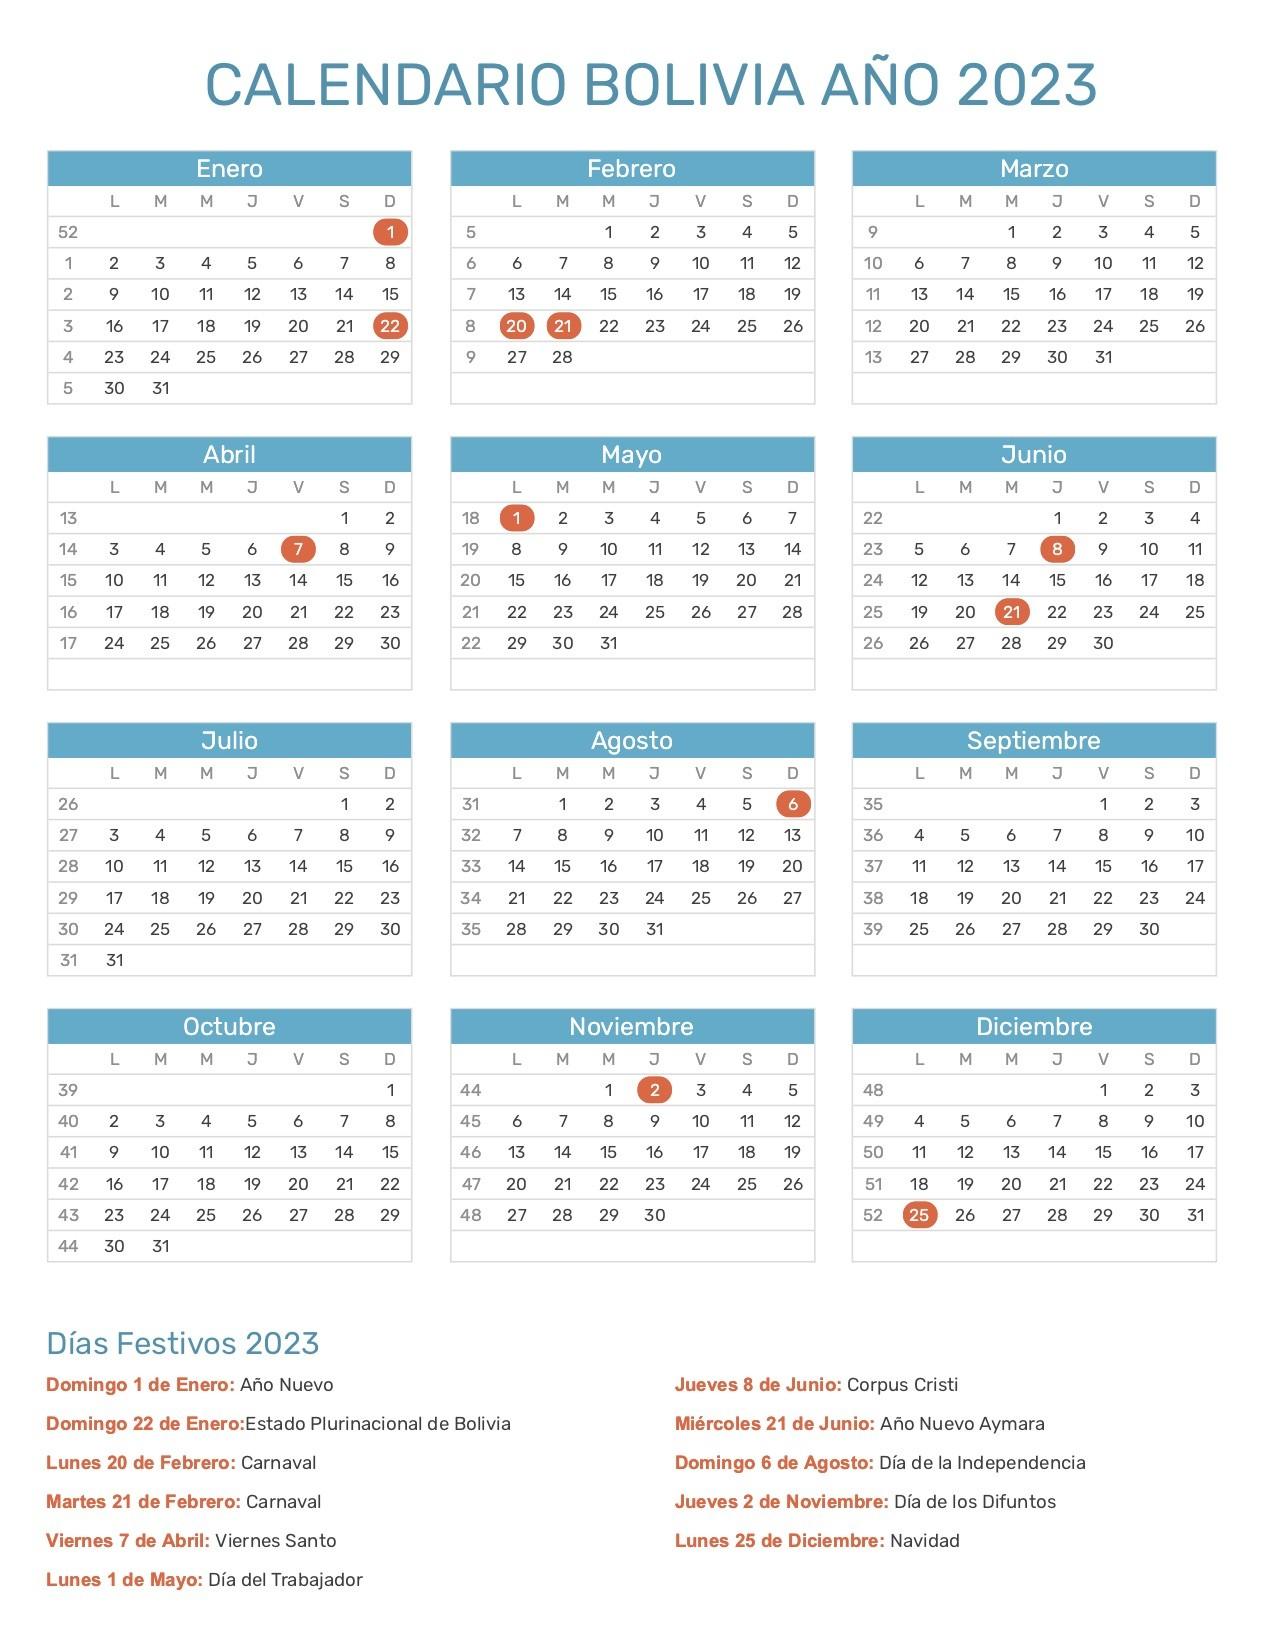 Calendario Bolivia 2023